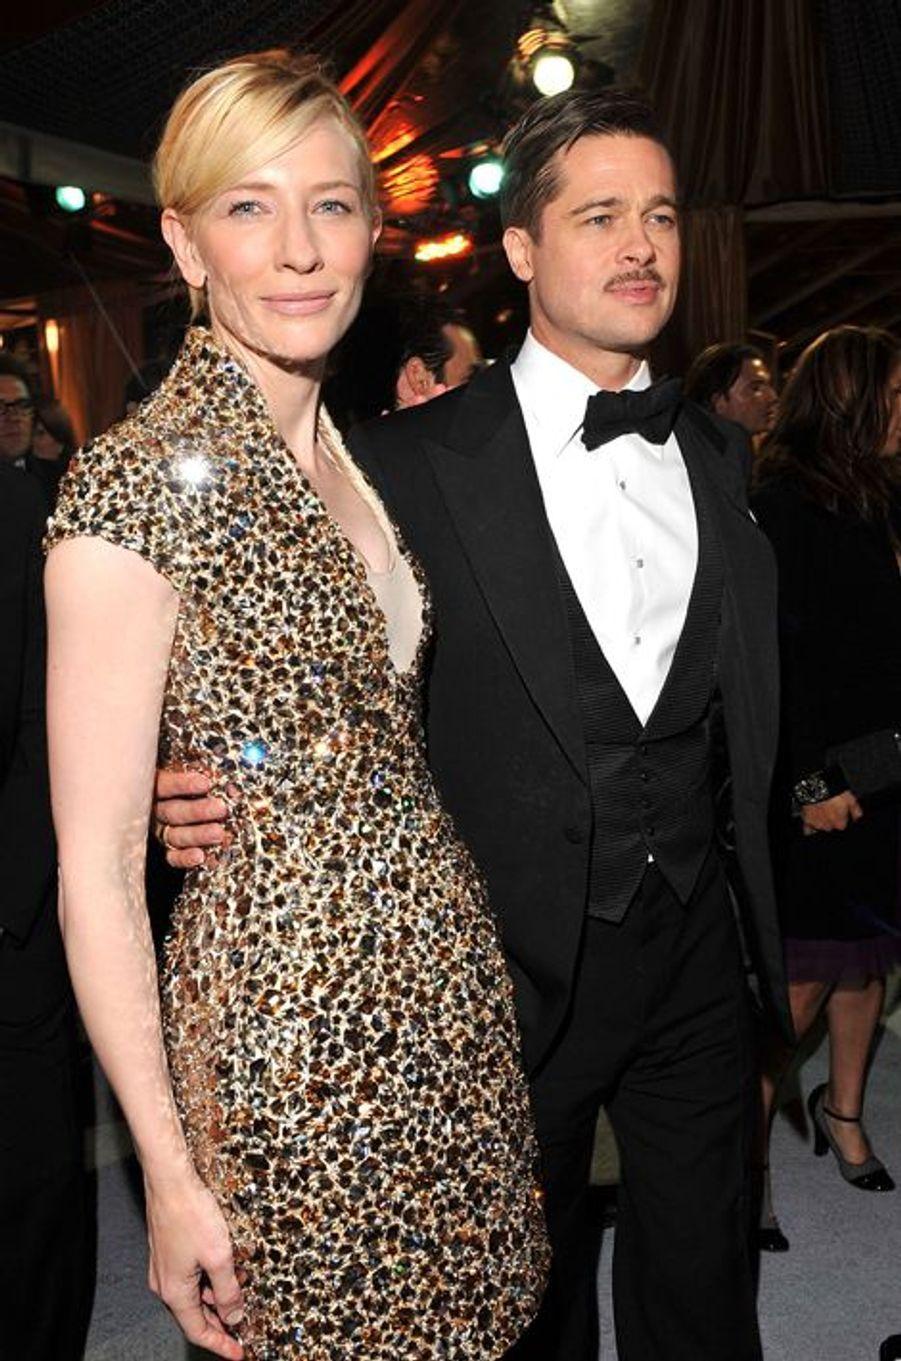 Impossible de ne pas se souvenir des couples formés à l'écran par l'égérie Giorgio Armani et l'époux d'Angie. Les deux acteurs s'étaient retrouvés une première fois dans «Babel» en 2006 avant de collaborer ensemble dans «L'Étrange Histoire de Benjamin Button», sorti deux ans plus tard.